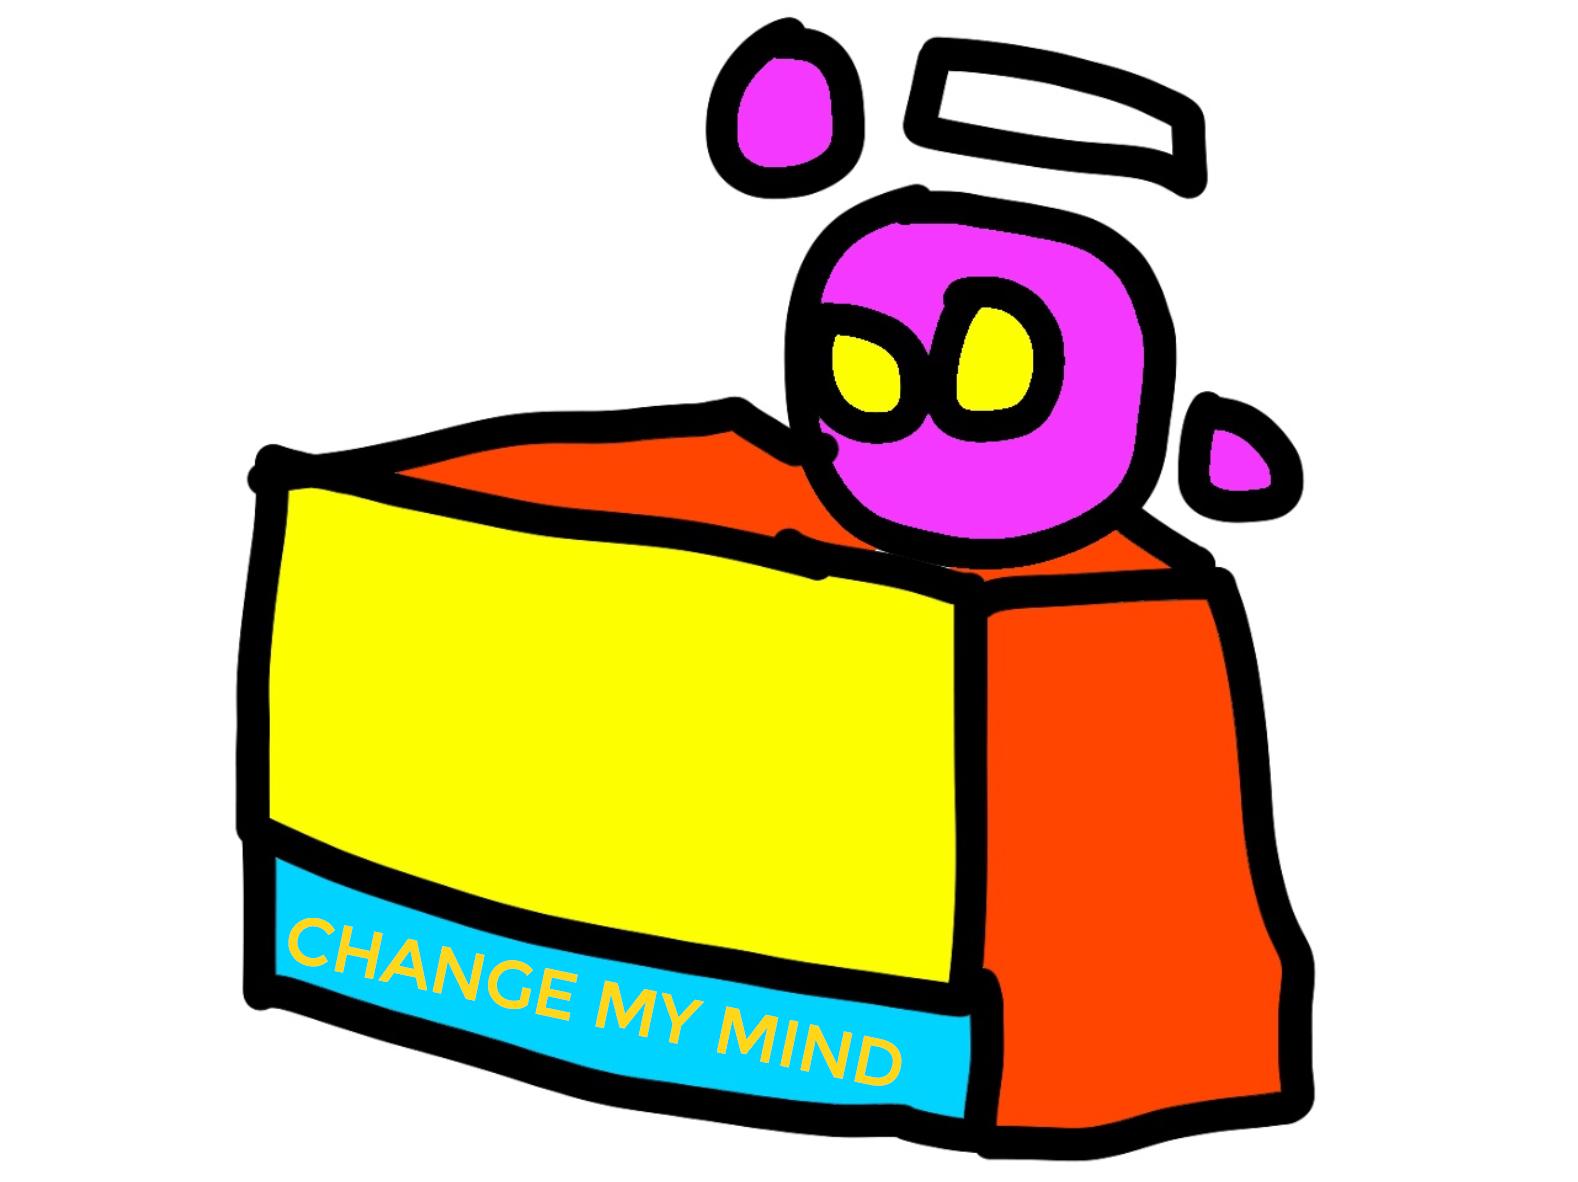 Change my mind spheron Blank Template - Imgflip